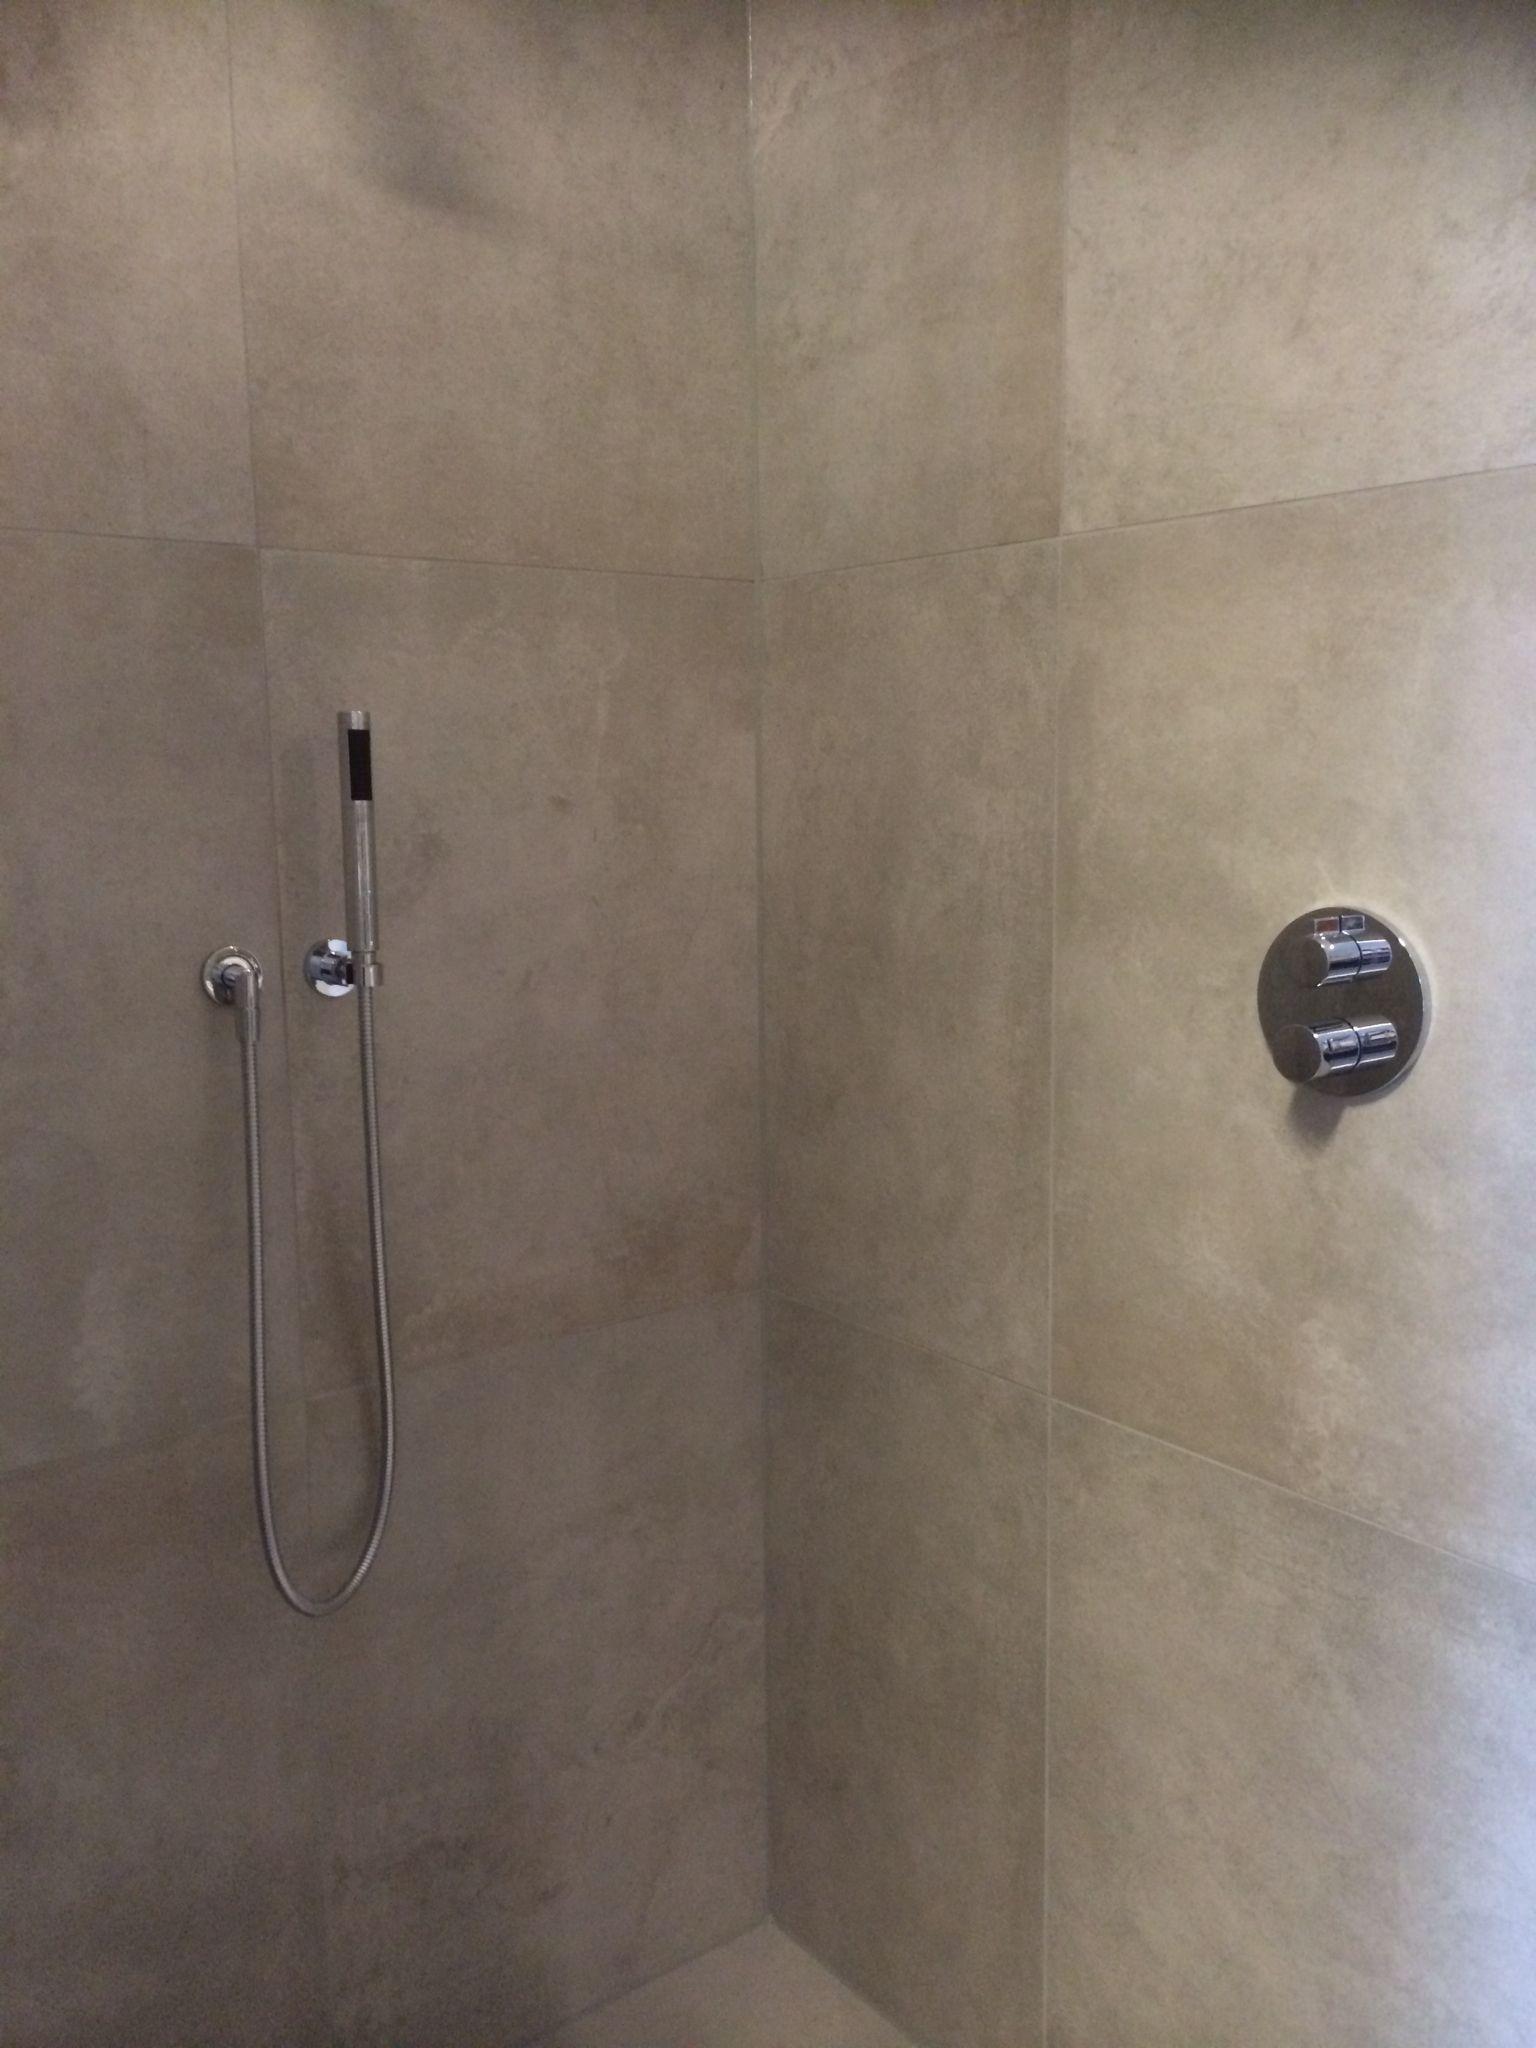 beton look tegels 80x80 badkamer pinterest tegels badkamer